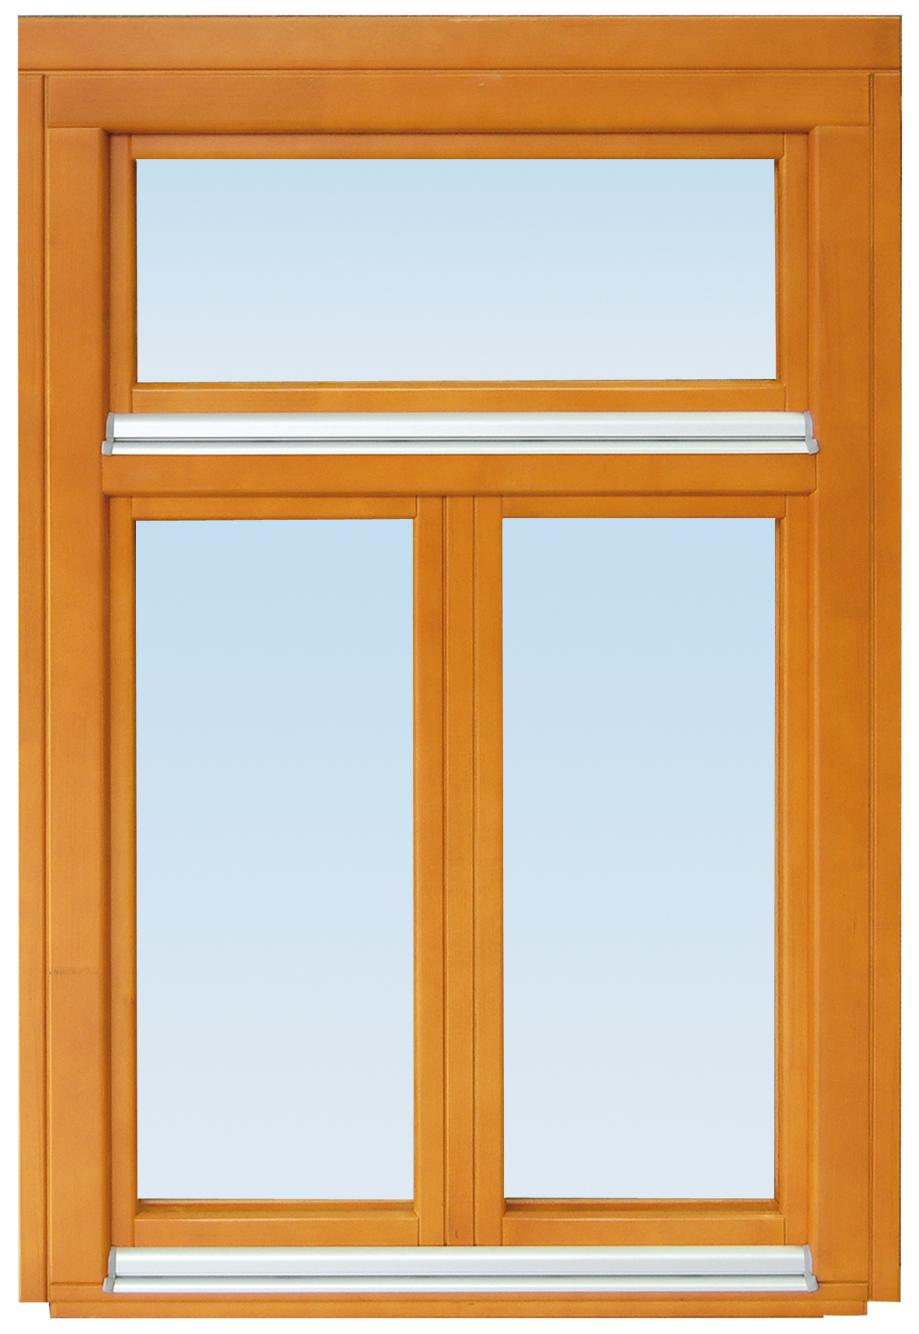 Fenster mit Stocksprossen